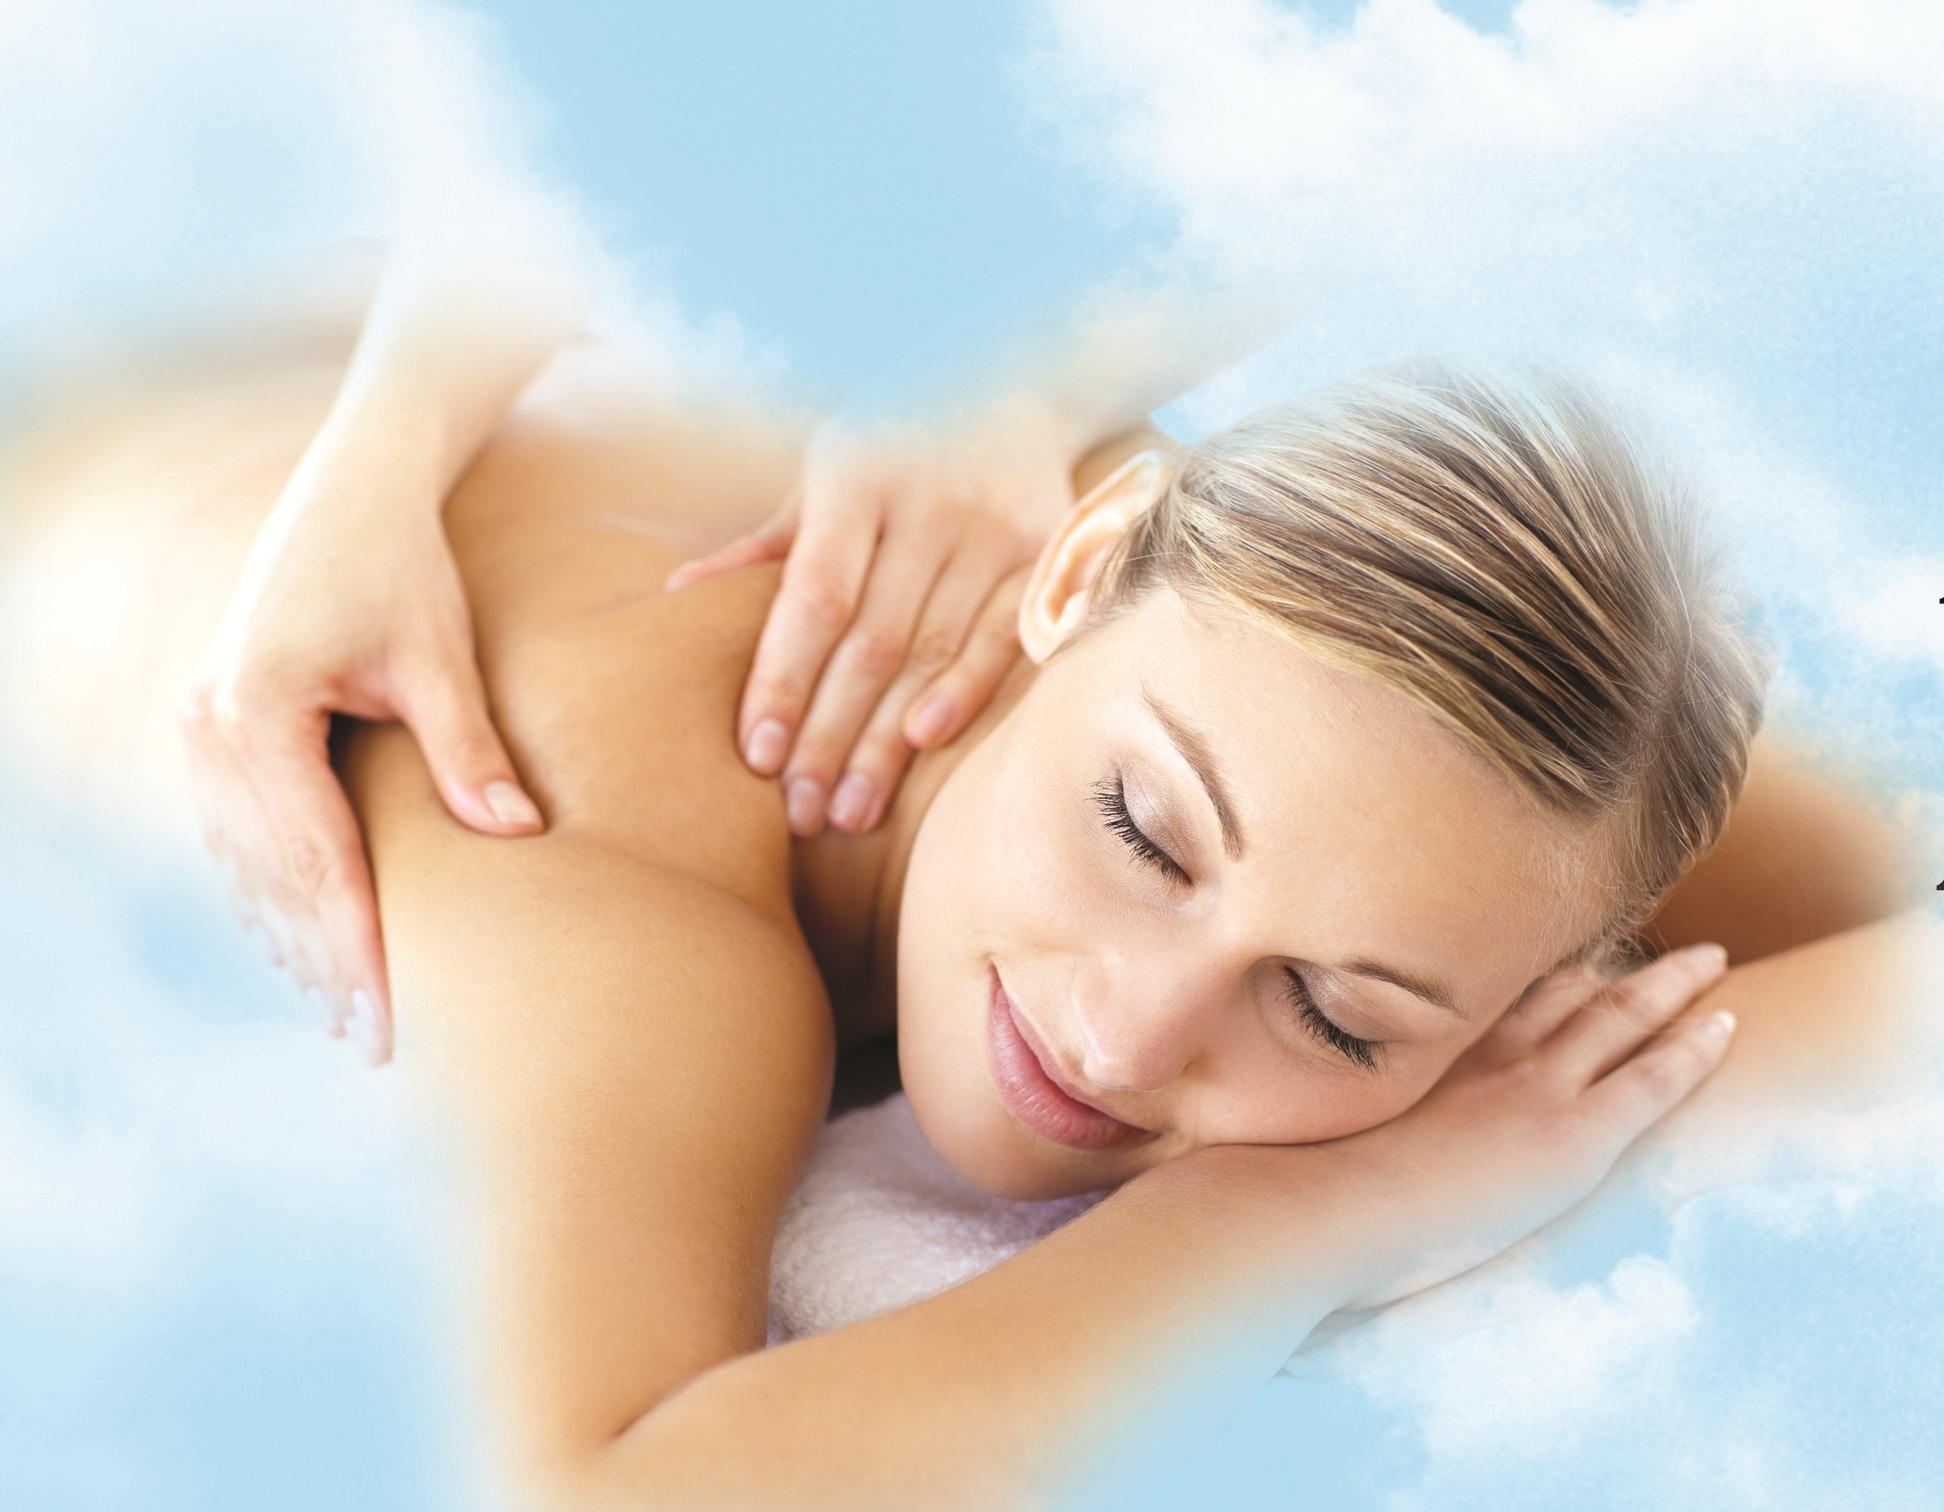 Les massages relaxants jouant sur l'humeur et le bien-être